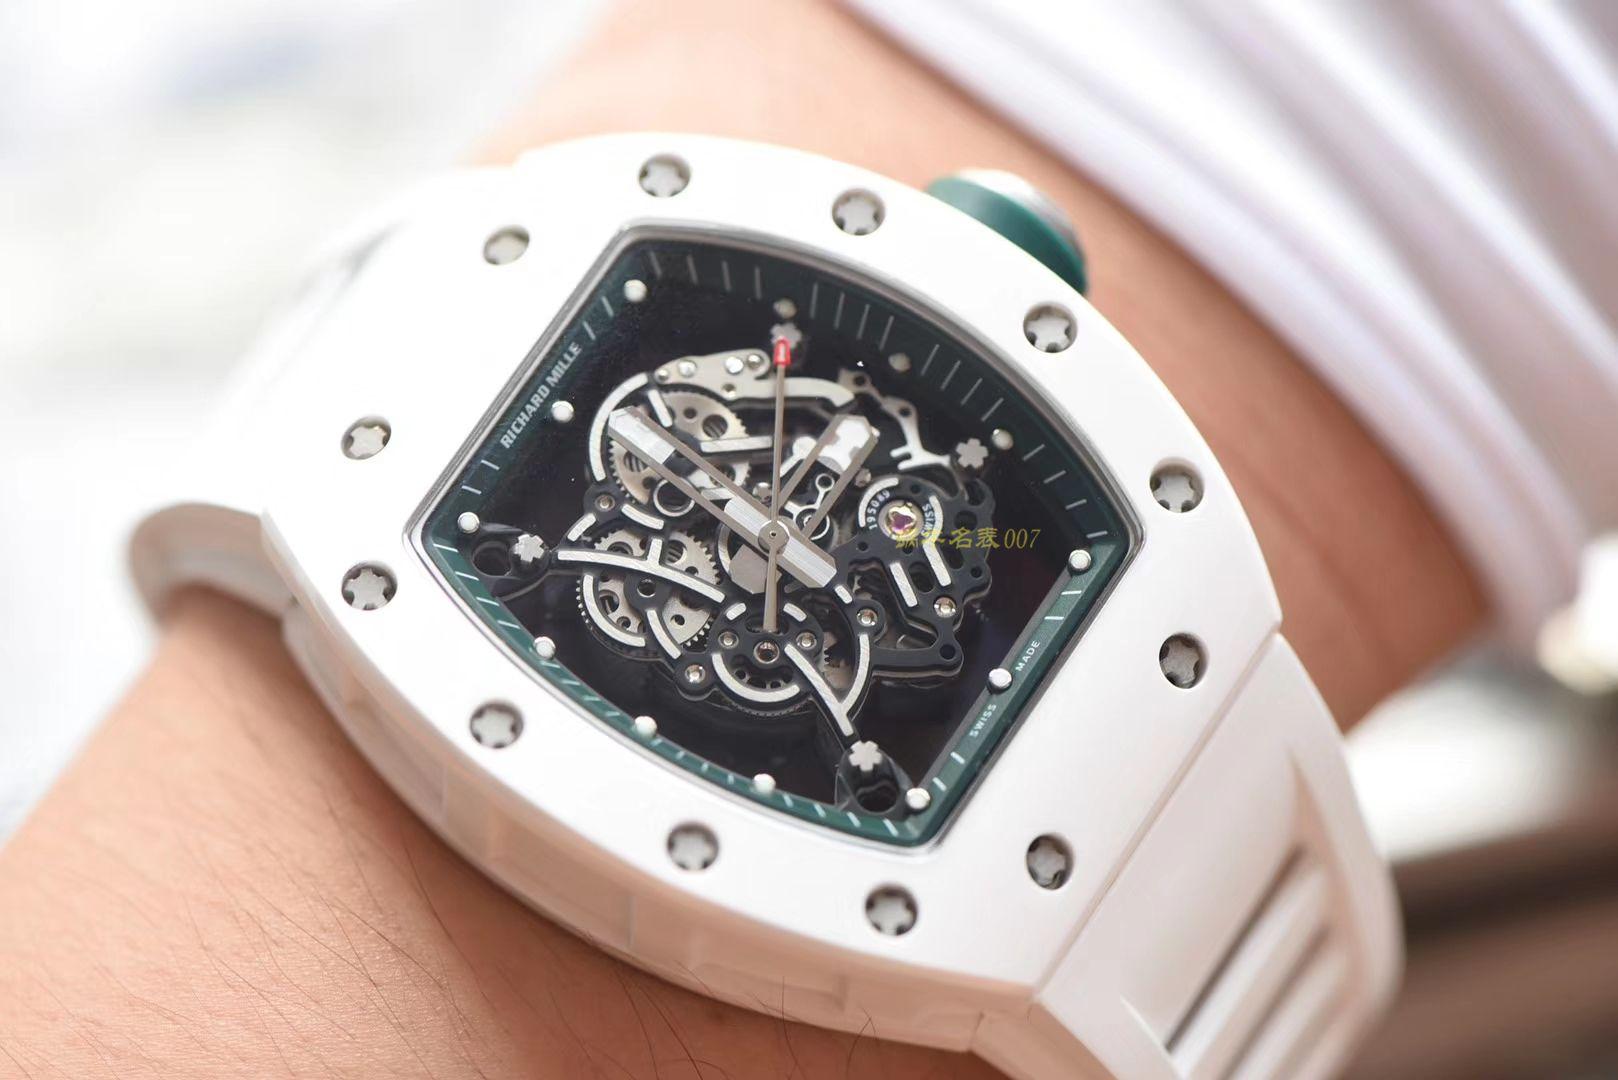 【视频评测】RICHARD MILLE理查德摸了男士系列RM 055腕表【KV一比一超A精仿手表】